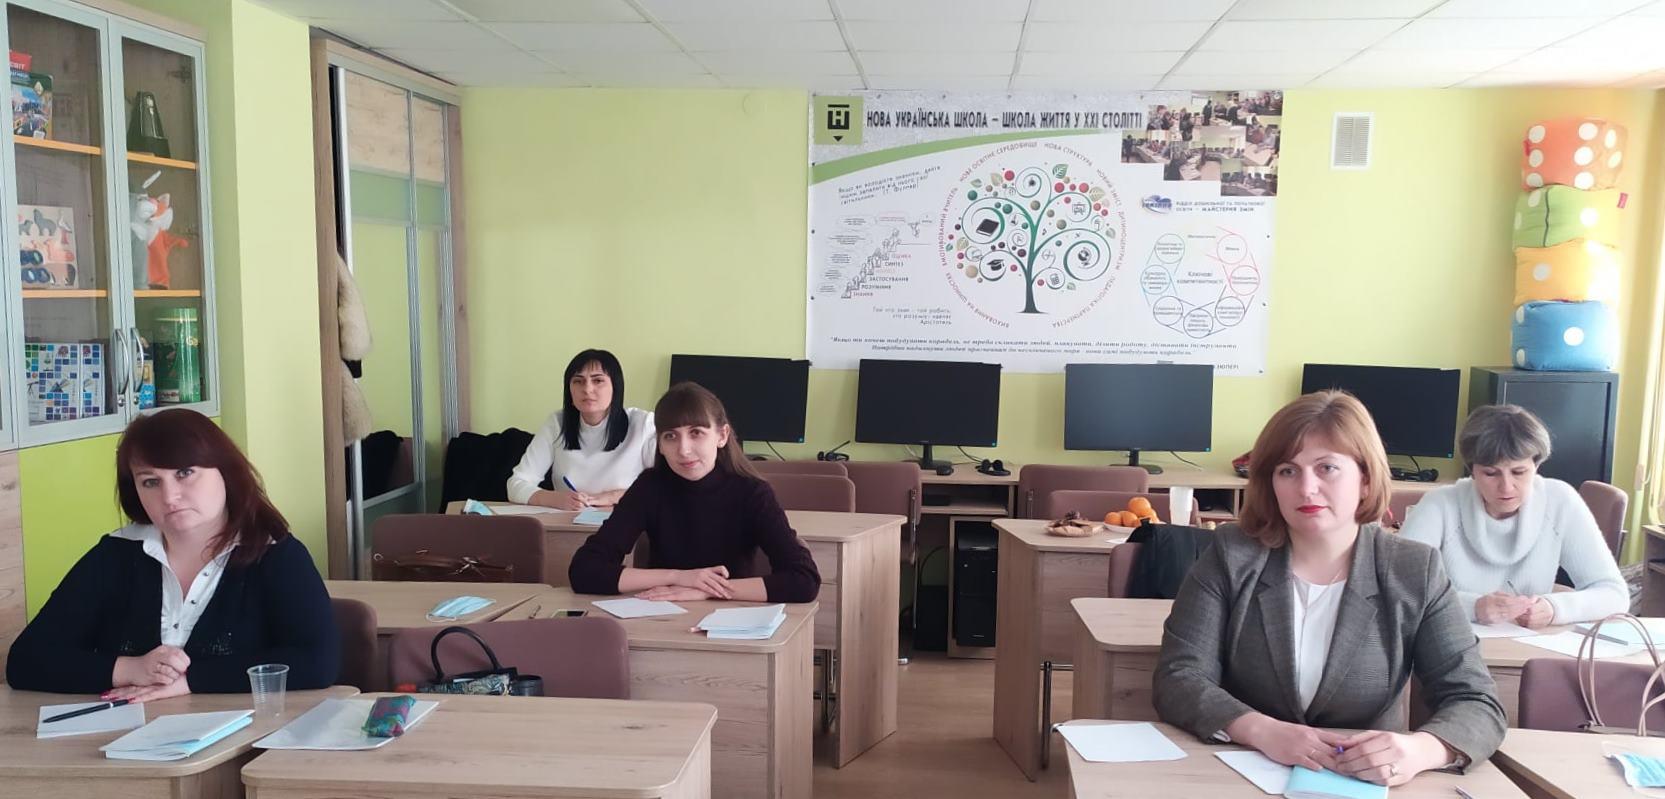 Напружена підготовка до презентації уроку